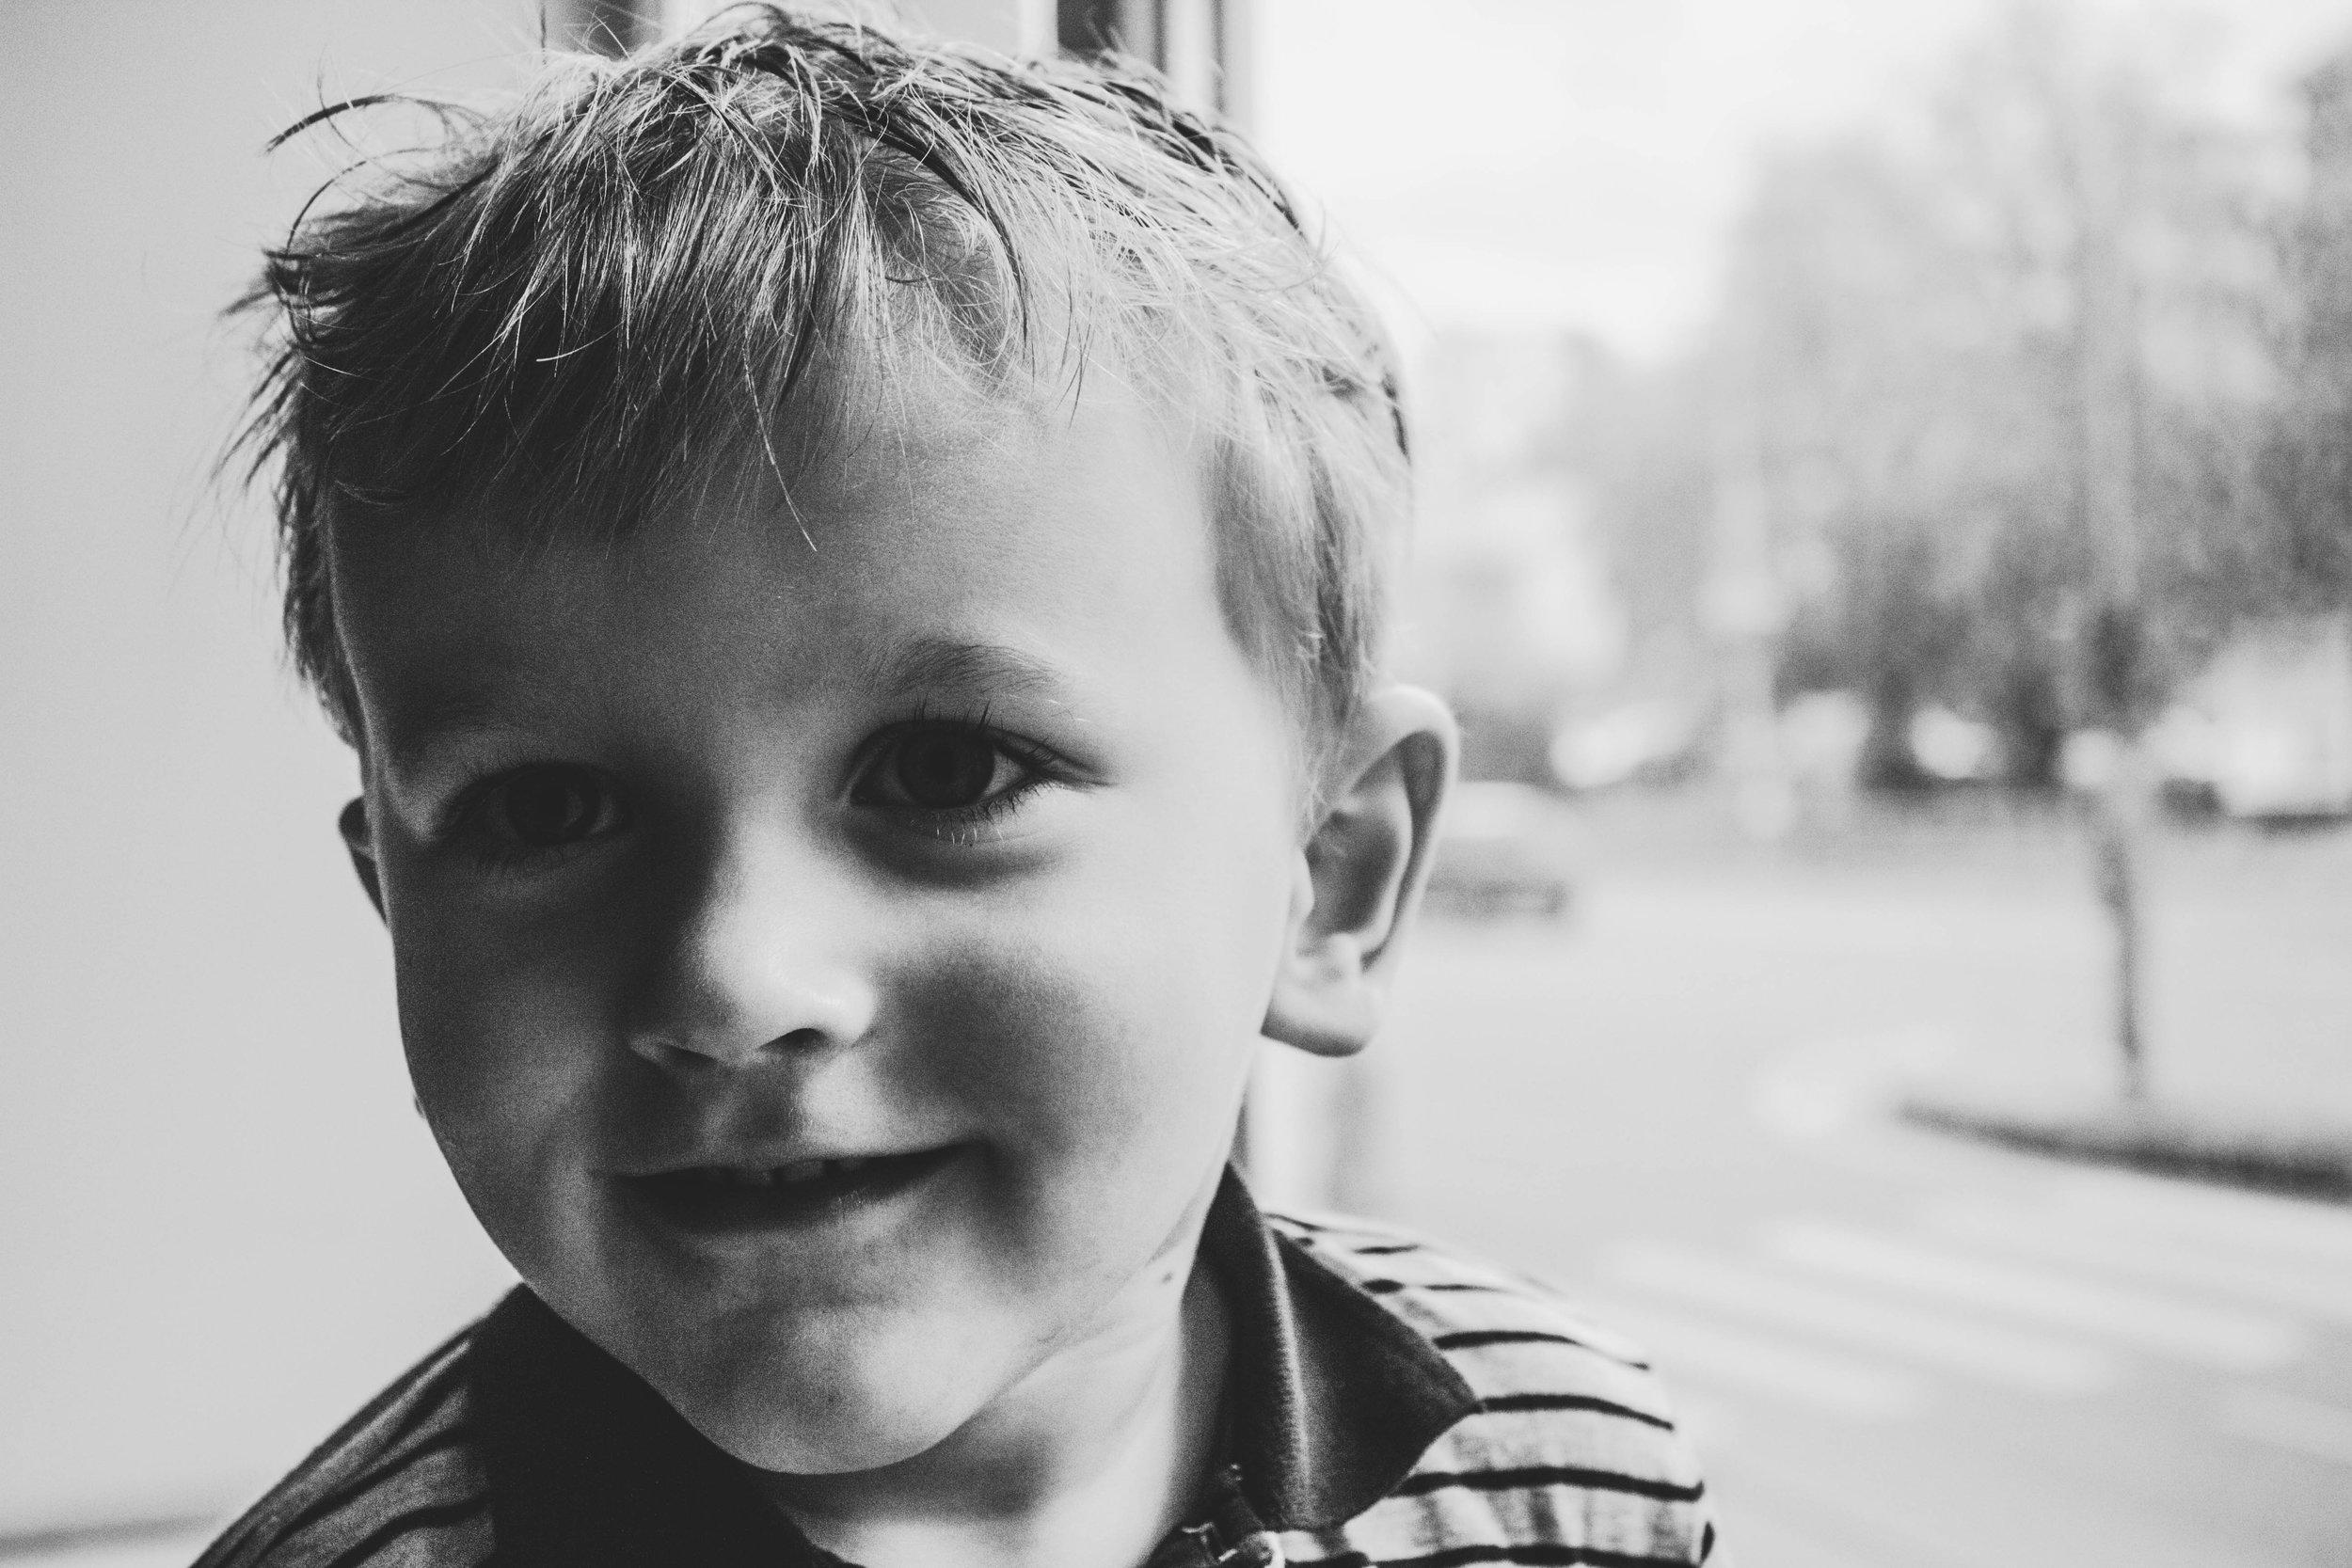 Boy smiling.jpeg